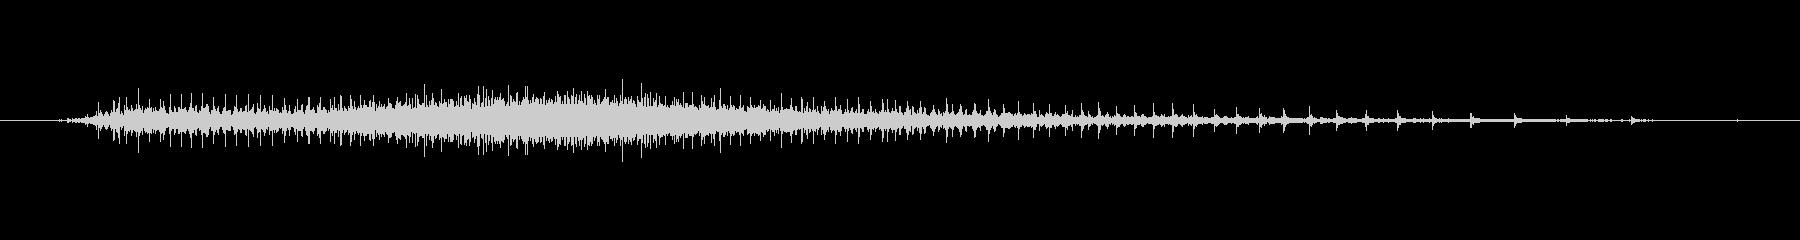 工業 ロックドリルチゼルバースト回...の未再生の波形